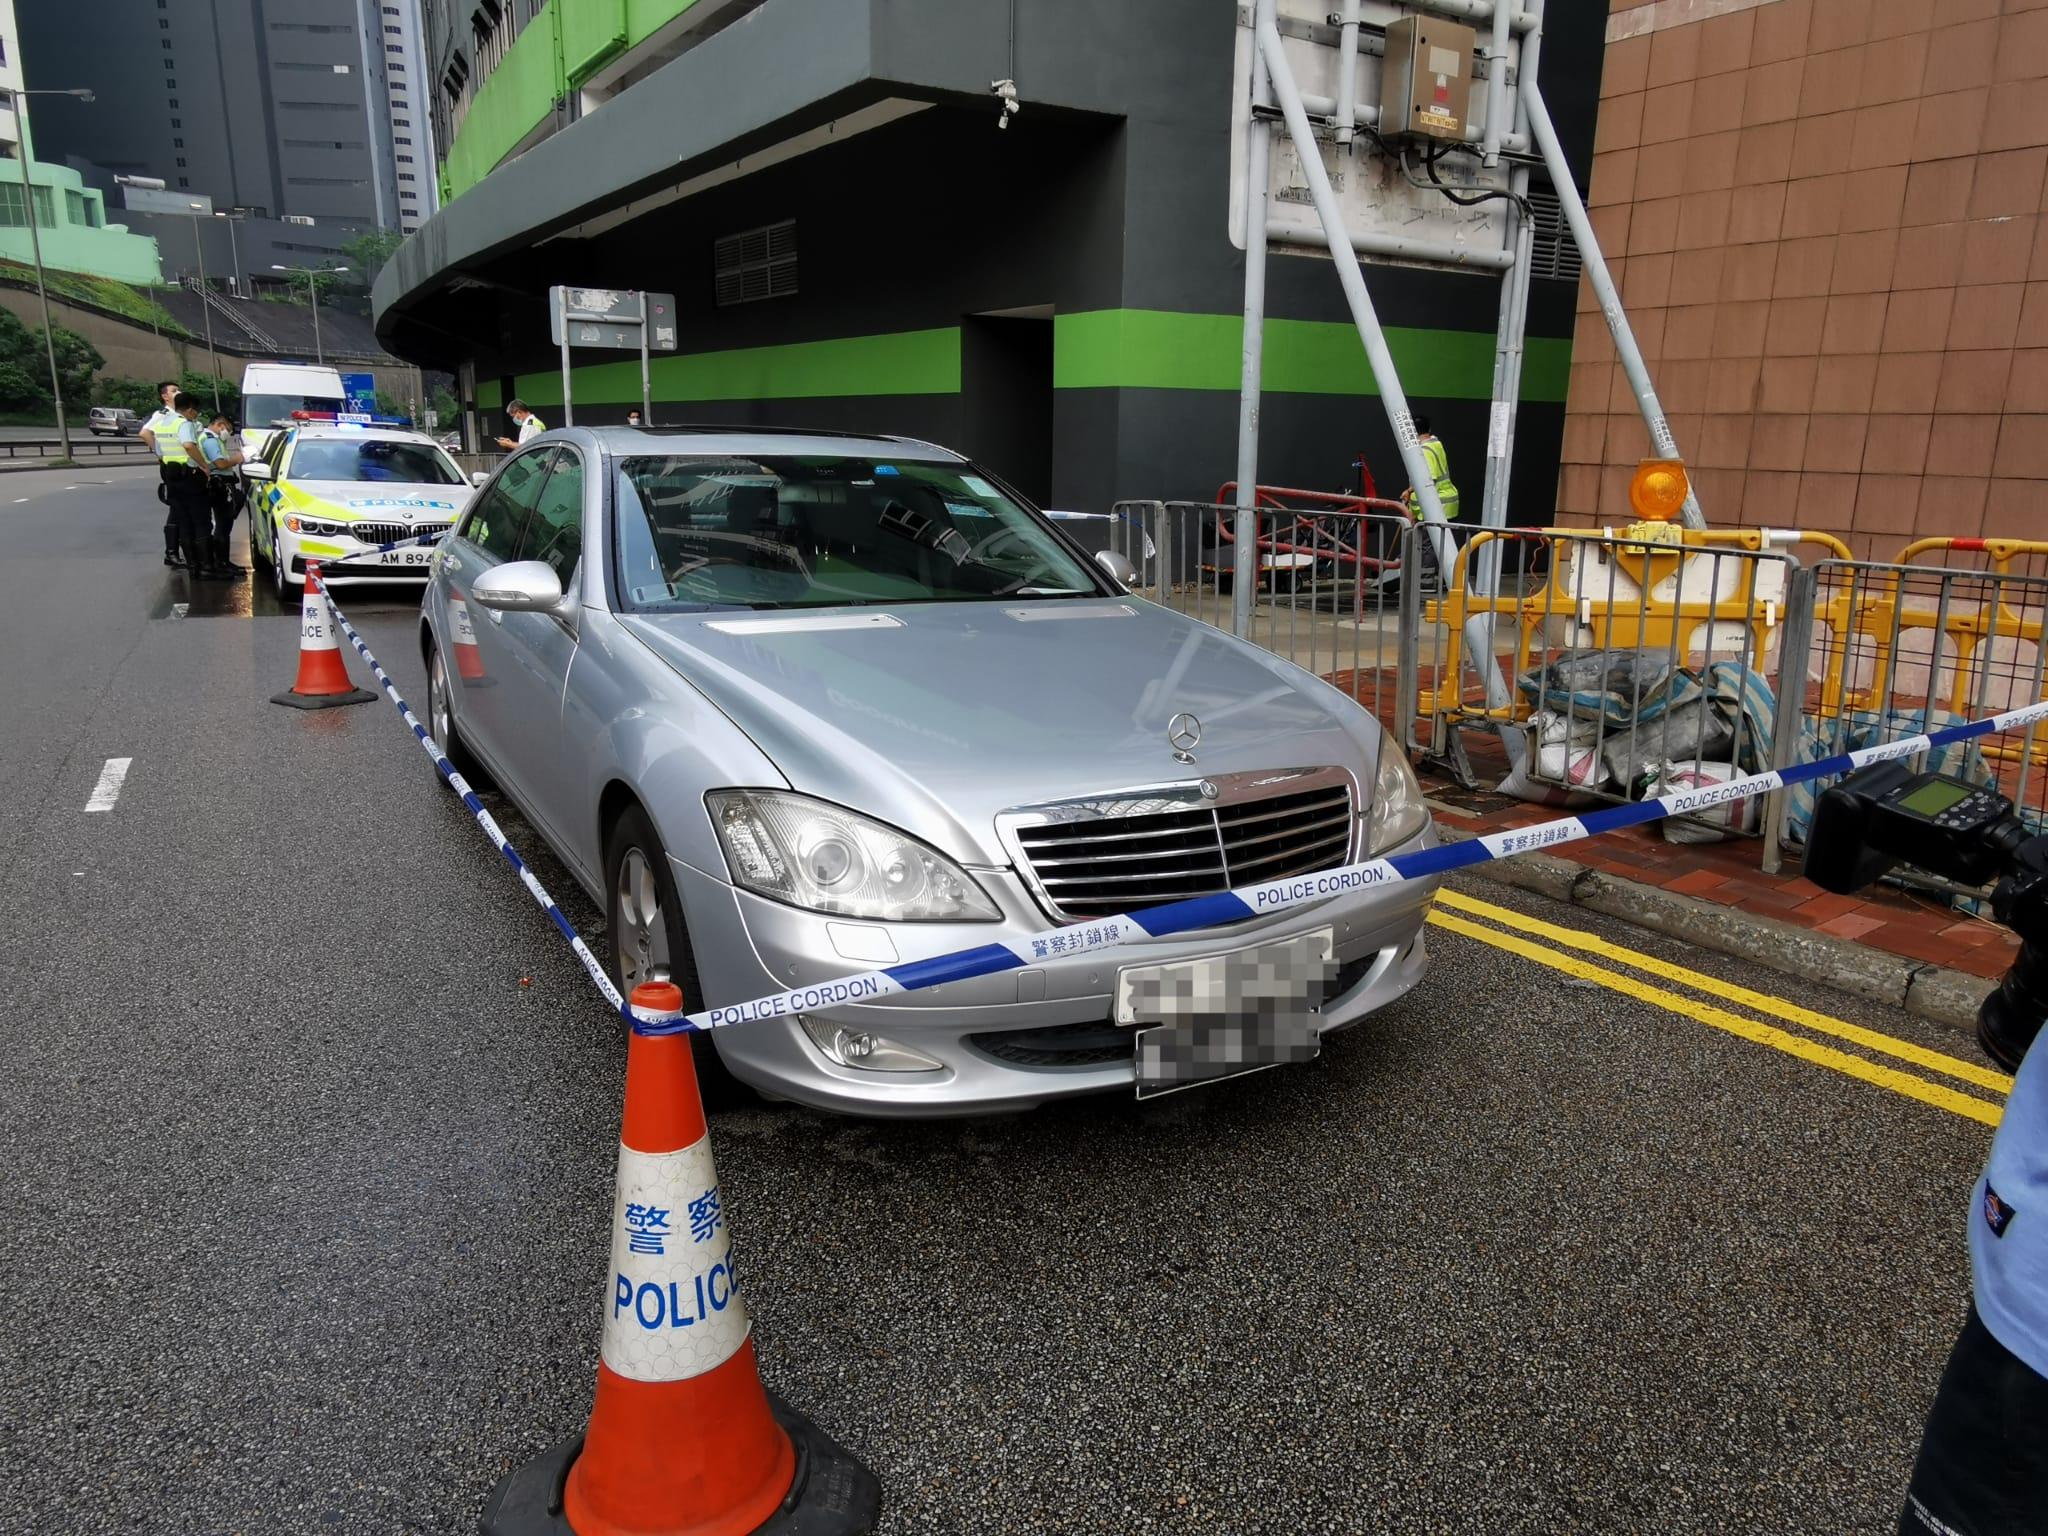 警方打擊藥駕及酒後駕駛行動19人涉酒駕被捕